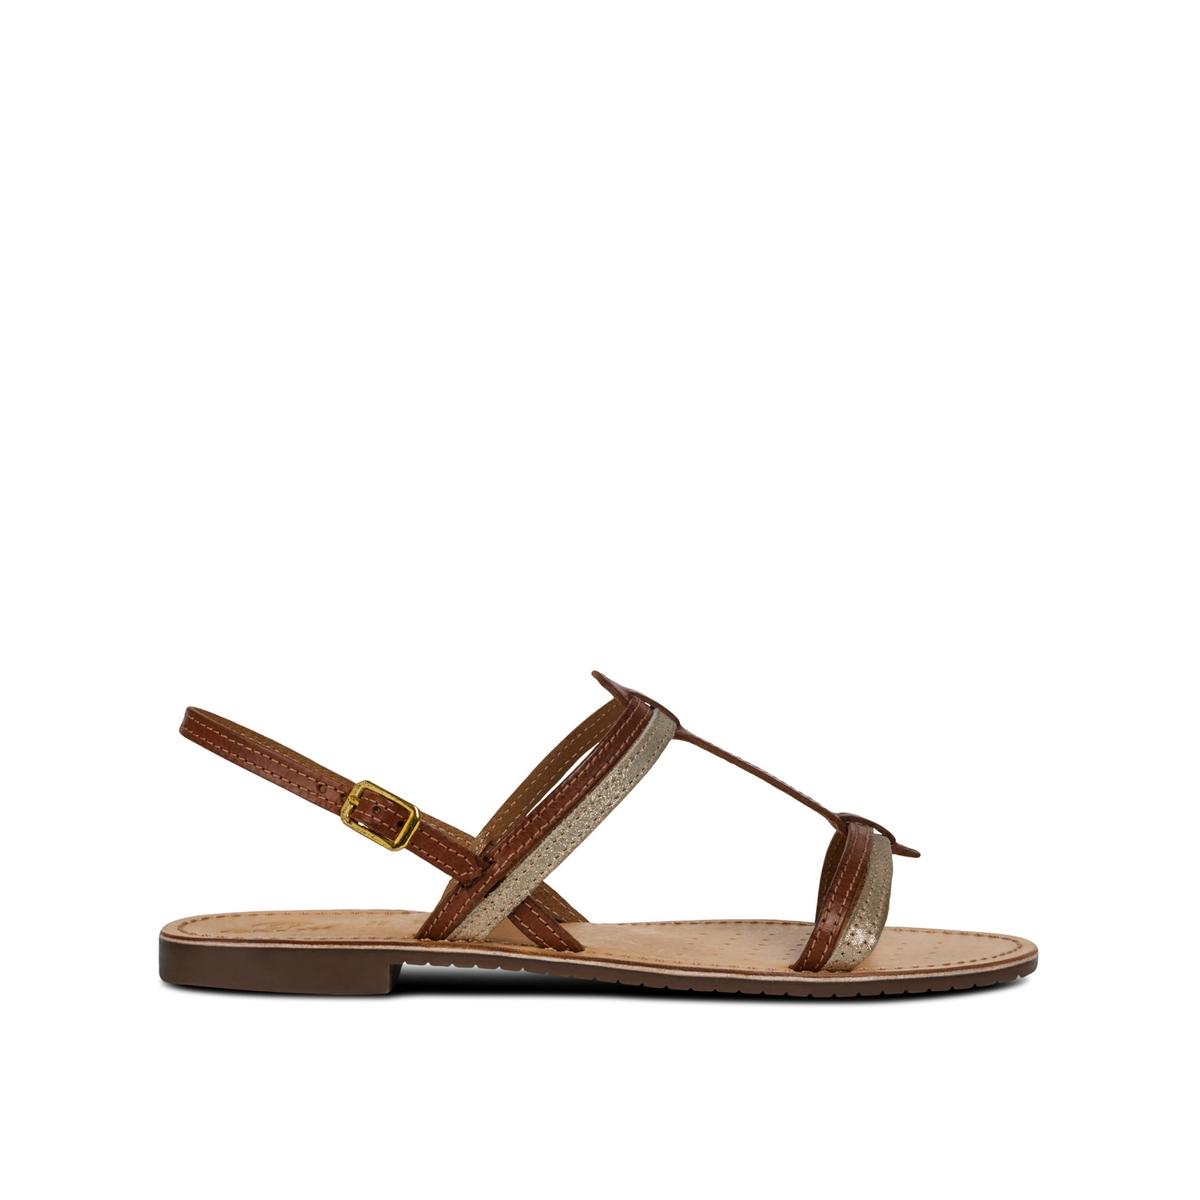 Sandalias transpirables de piel Sozy